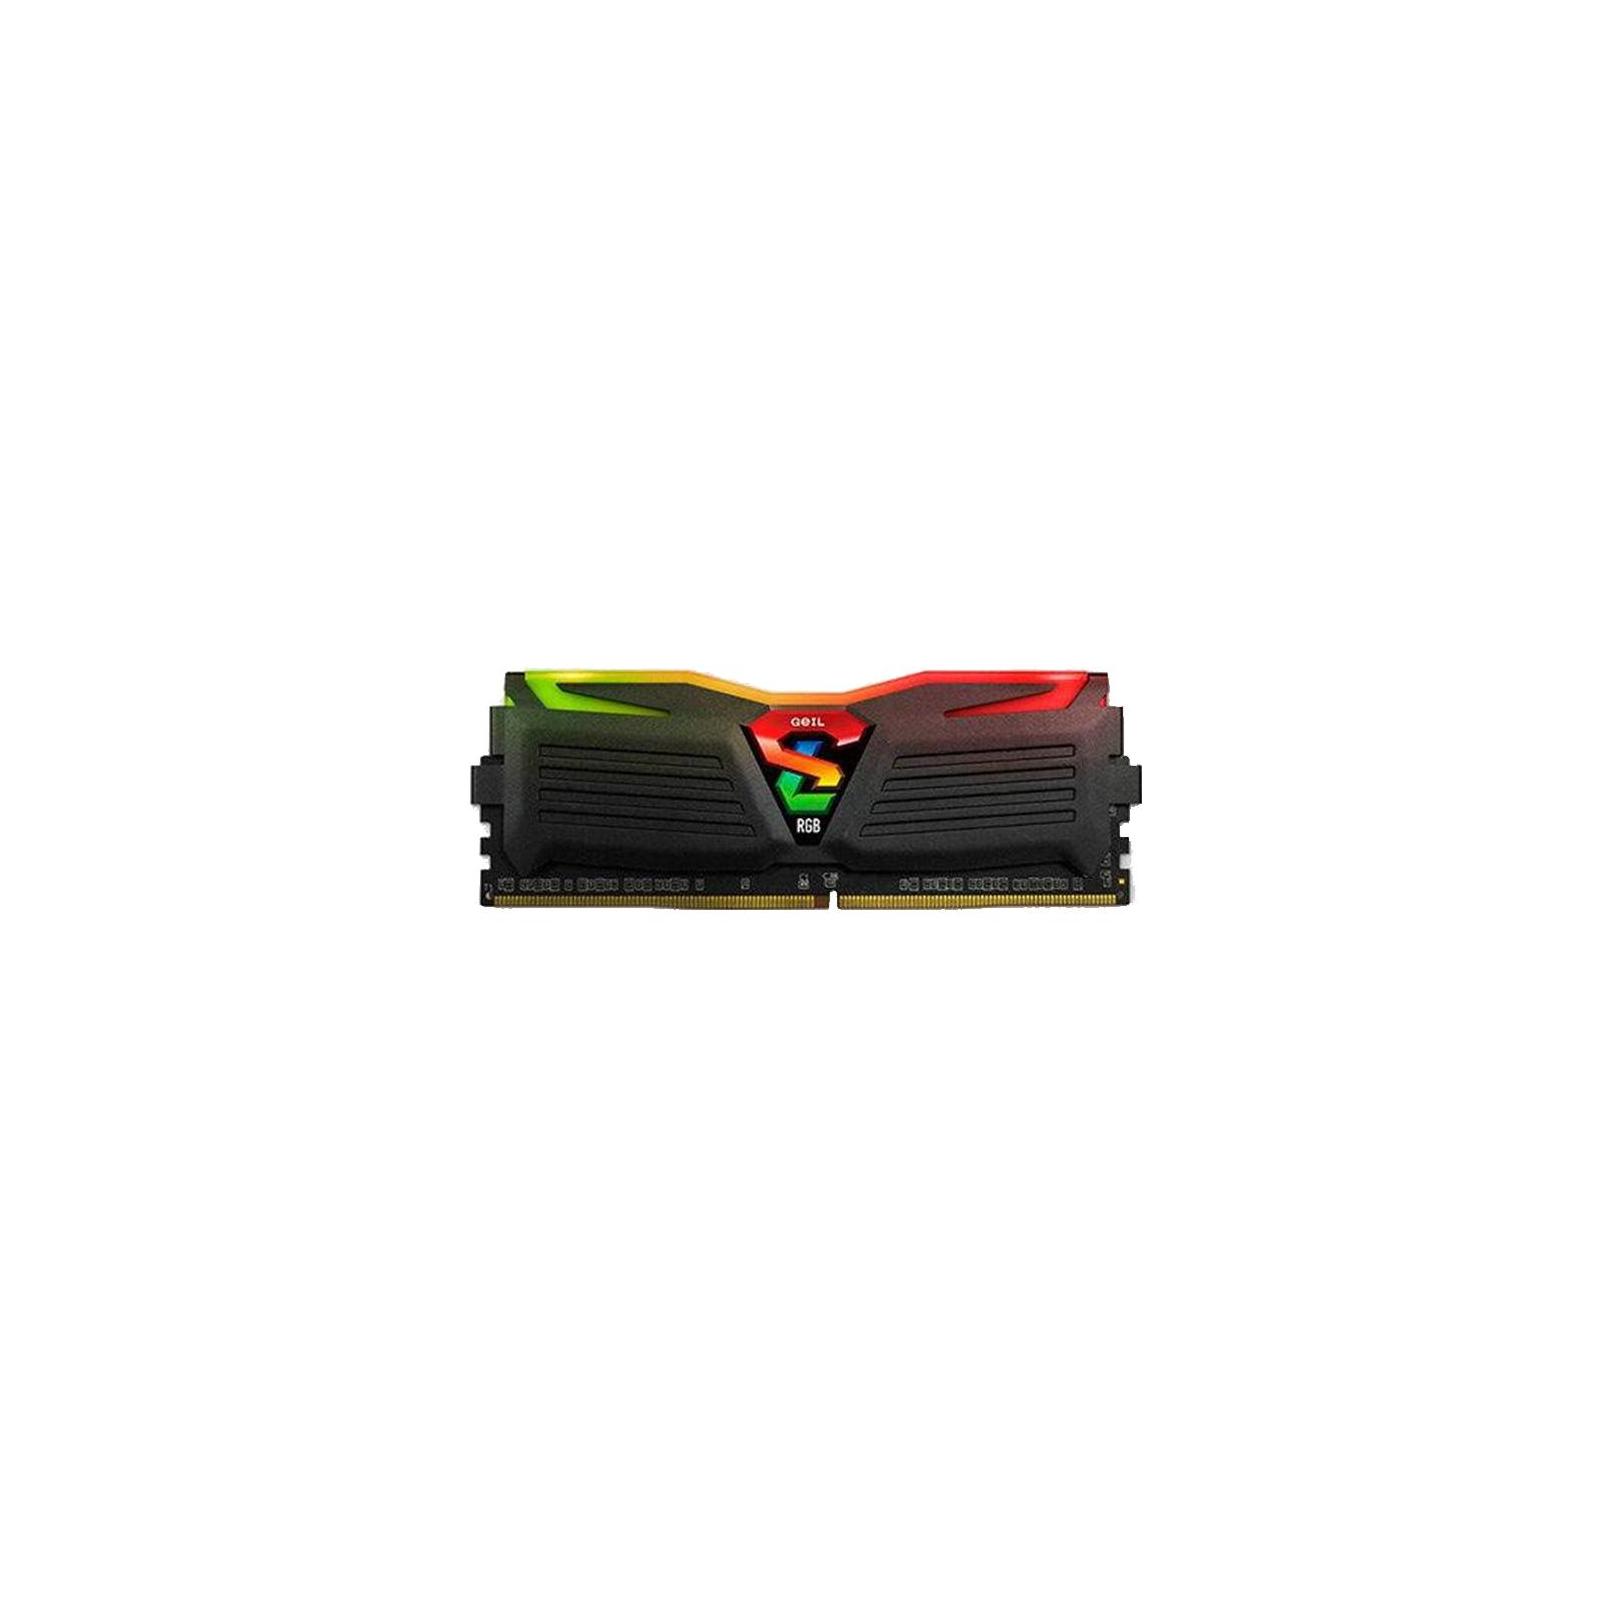 Модуль памяти для компьютера DDR4 16GB (2x8GB) 3000 MHz Super Luce Black RGB Sync LED Geil (GLS416GB3000C16ADC) изображение 3